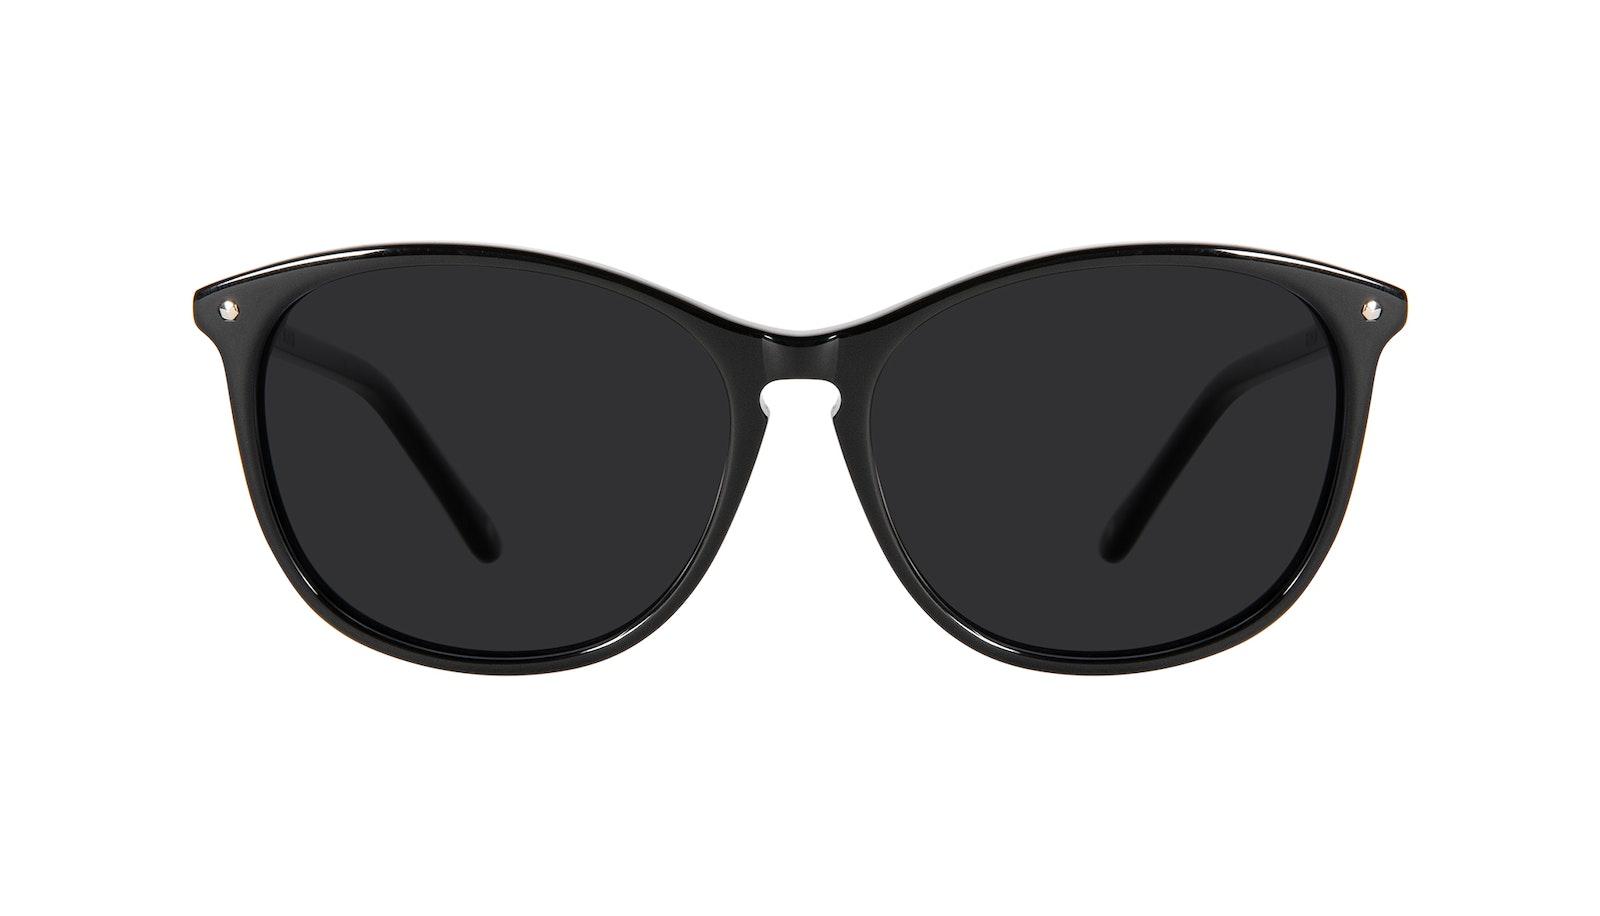 Lunettes tendance Ronde Lunettes de soleil Femmes Nadine Petite Pitch Black